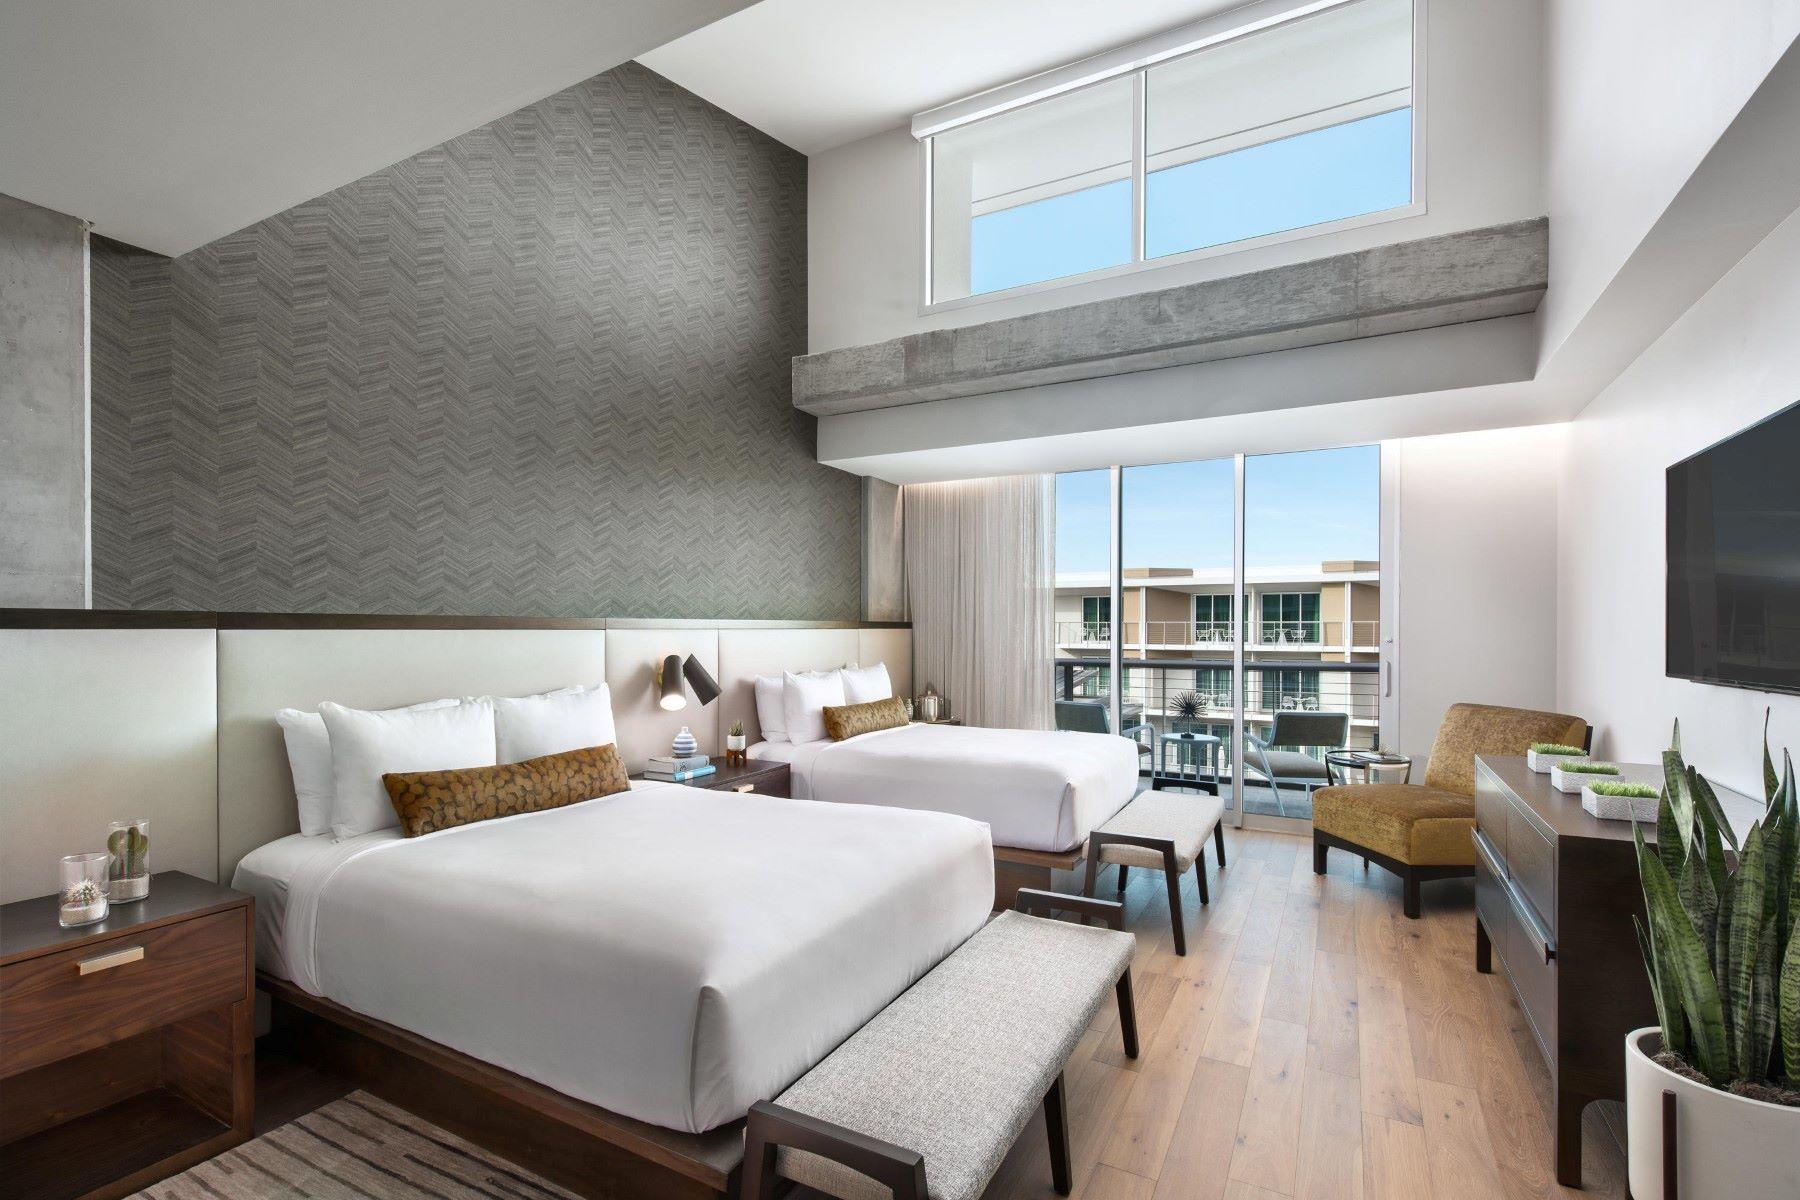 Apartamento para Venda às Mountain Shadows Resort Hotel Condominium 5455 E Lincoln Dr #3006, Paradise Valley, Arizona, 85253 Estados Unidos